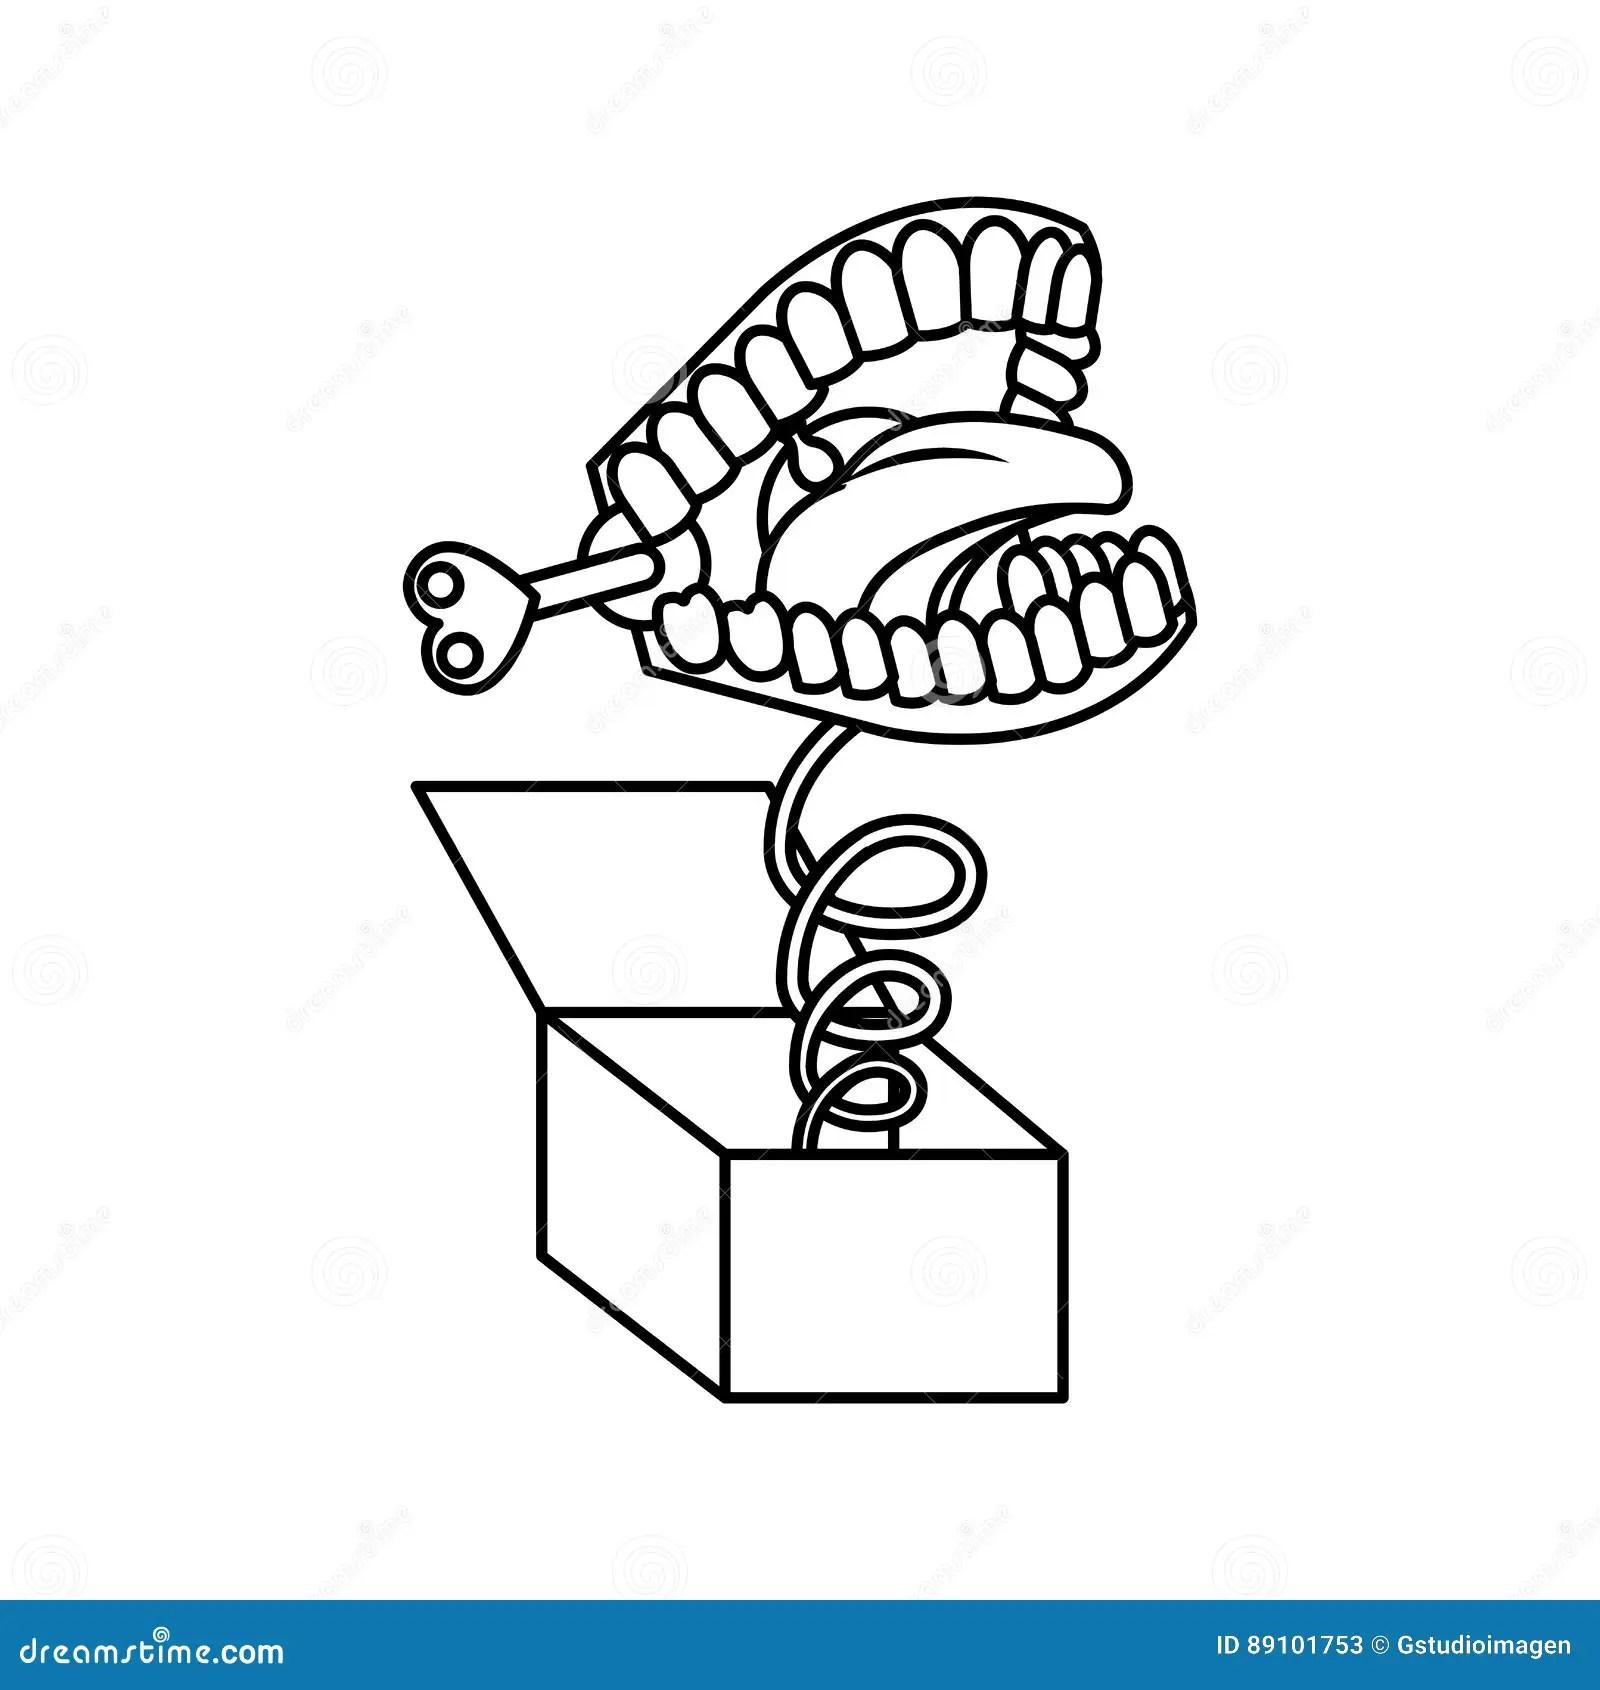 Box Joke Cartoon Vector